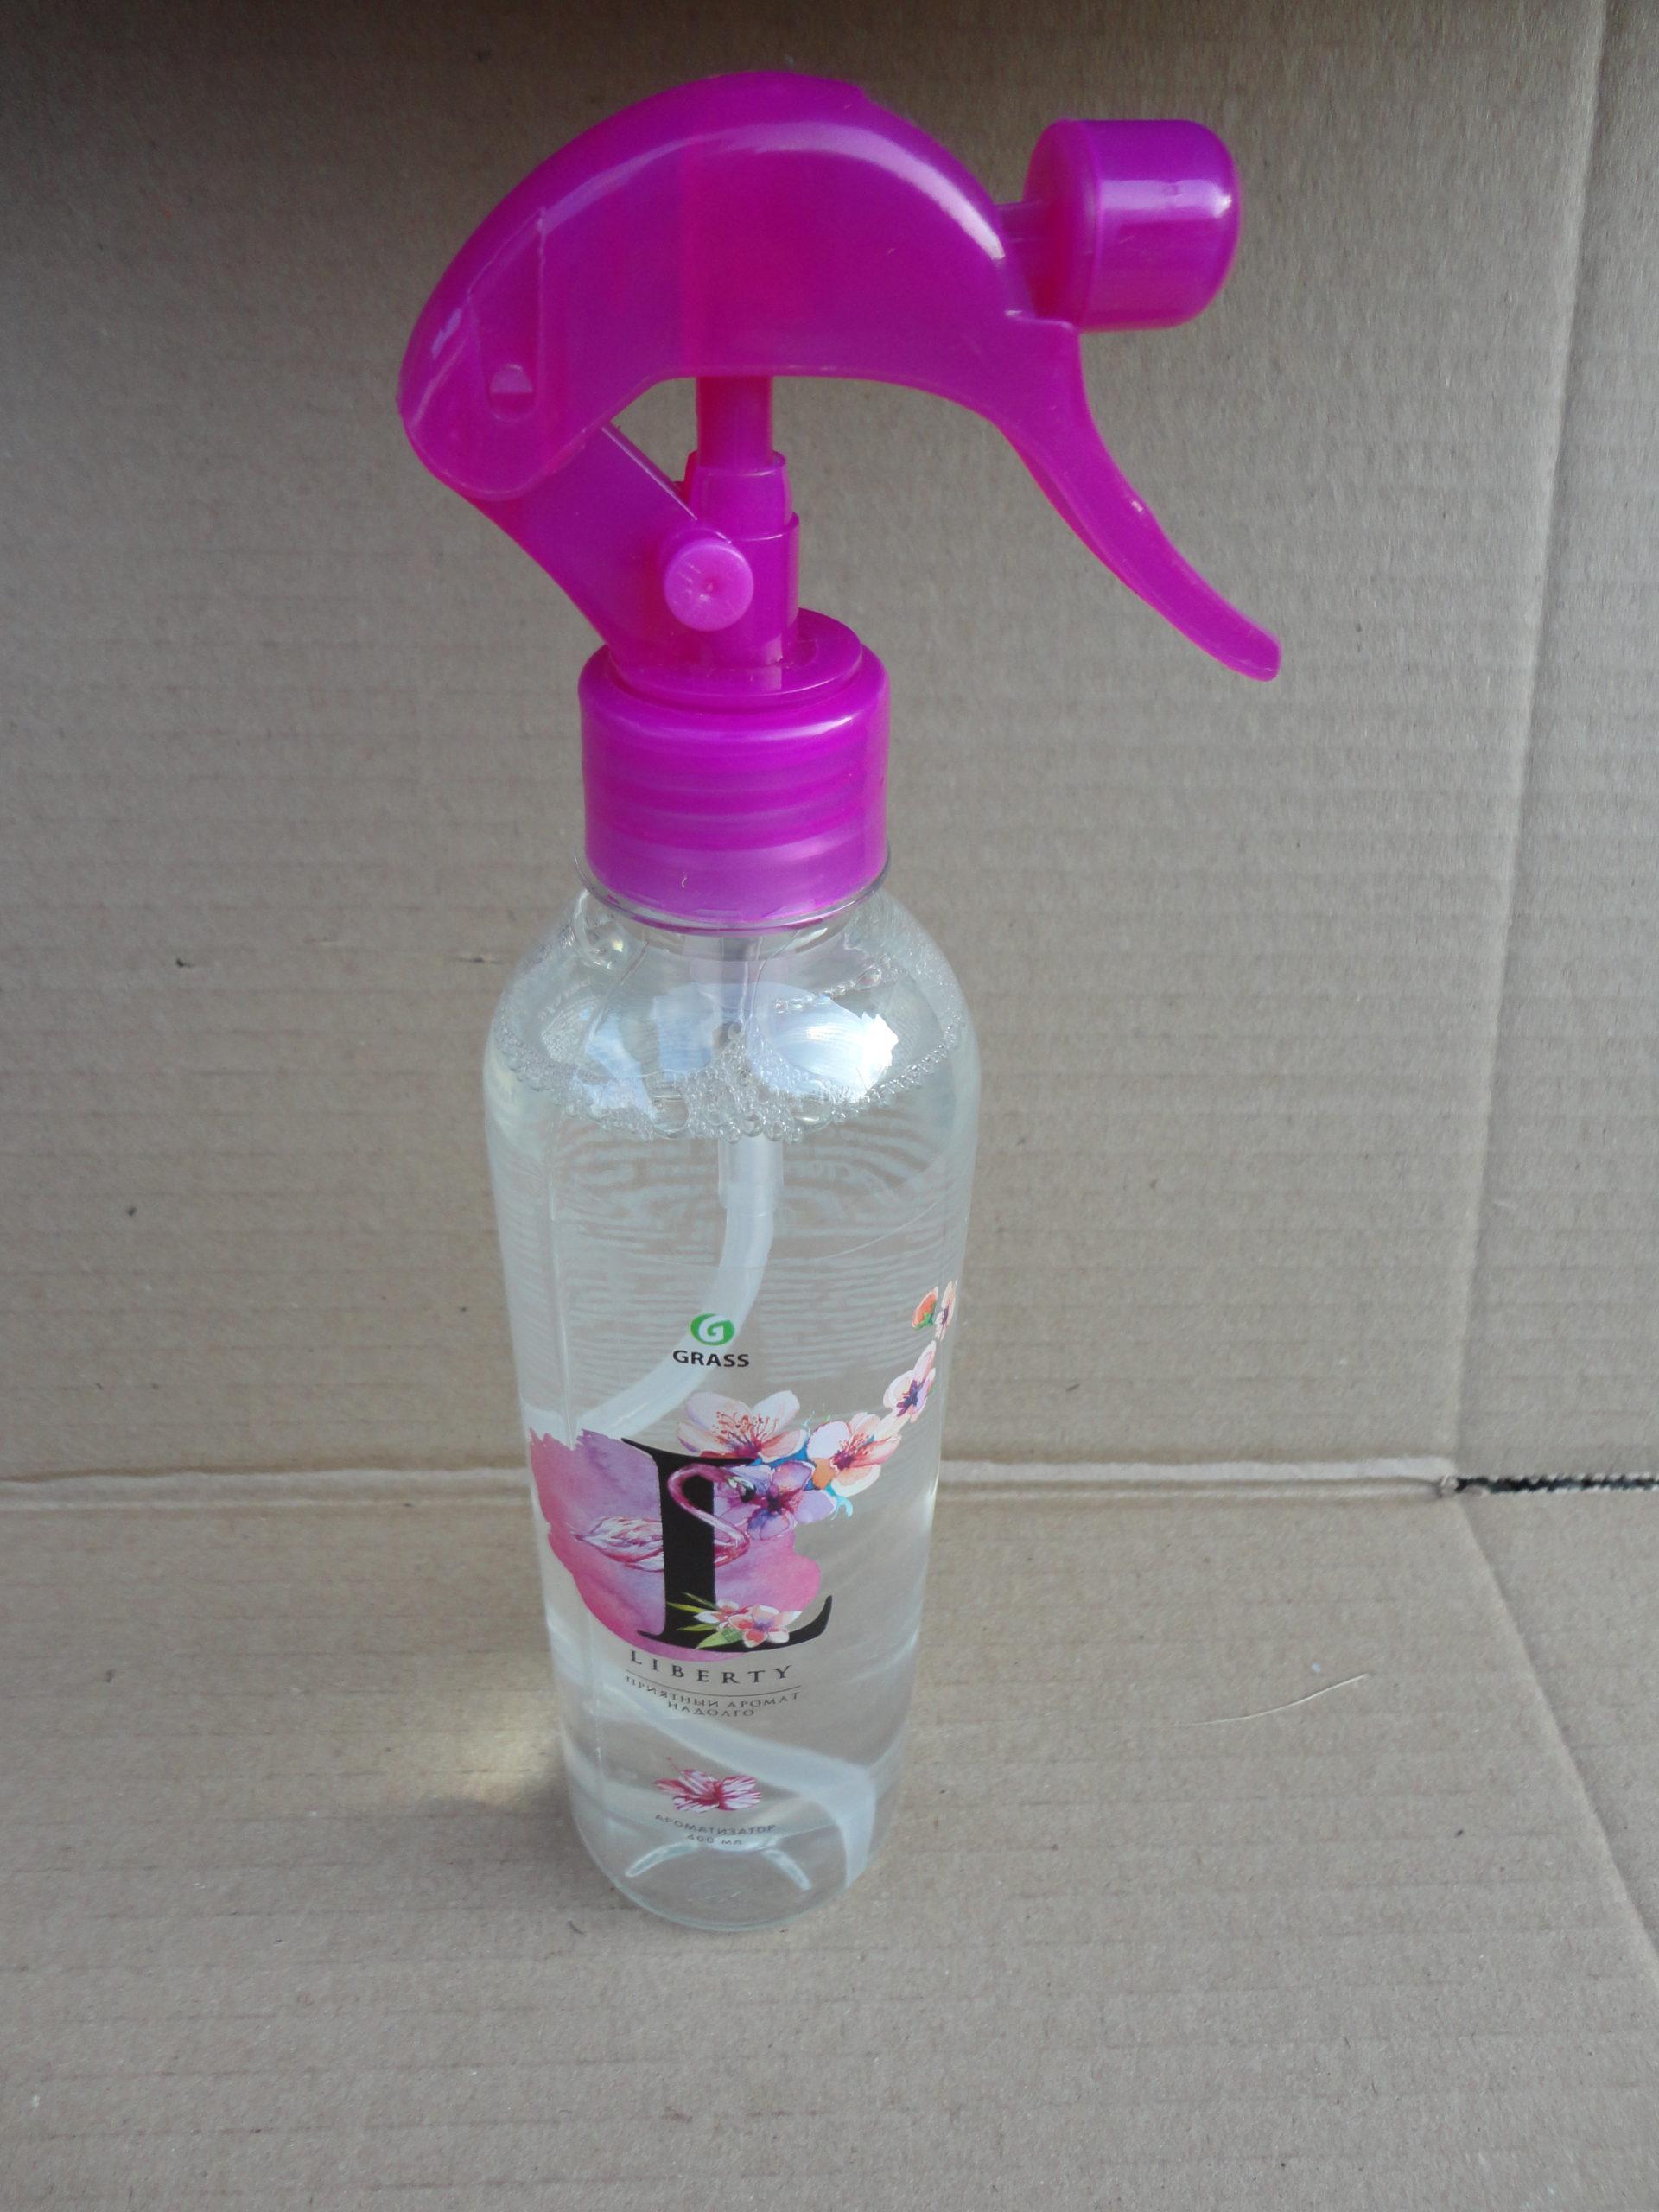 Жидкий освежитель воздуха Liberty (флакон 400 мл)